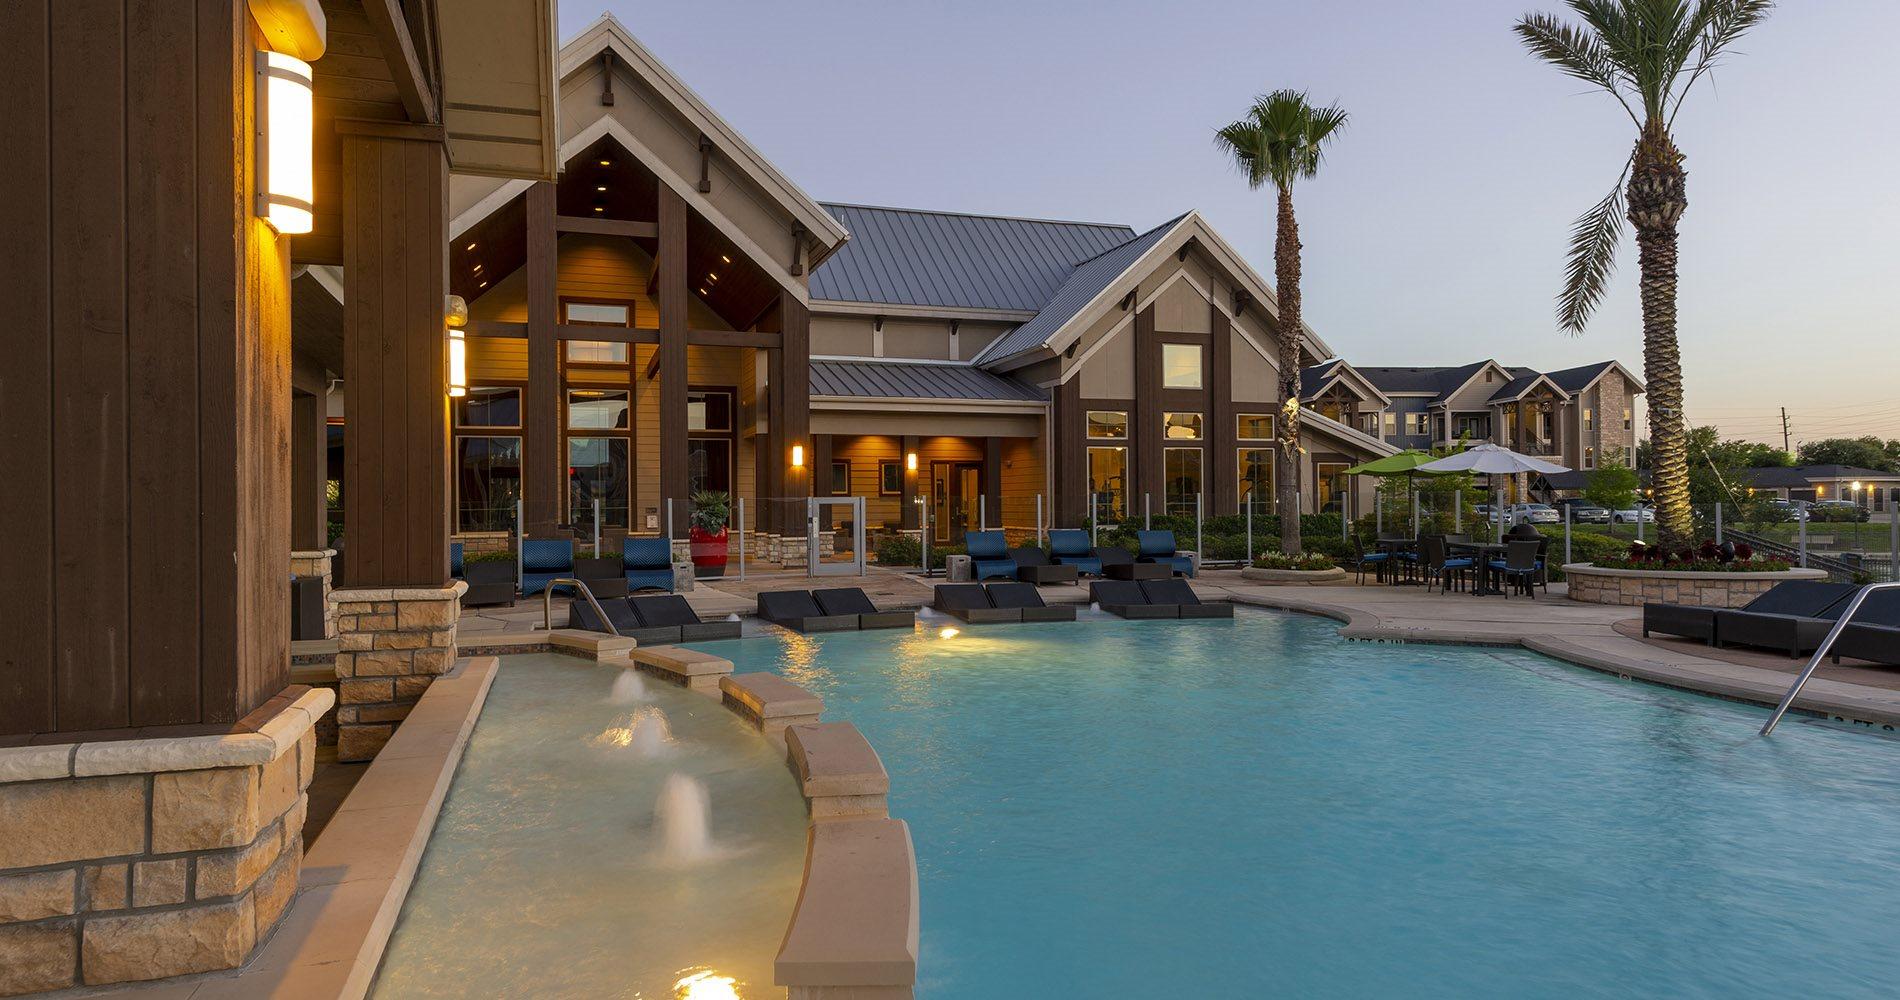 NALS Apartment Homes | Apartments in Santa Barbara, CA